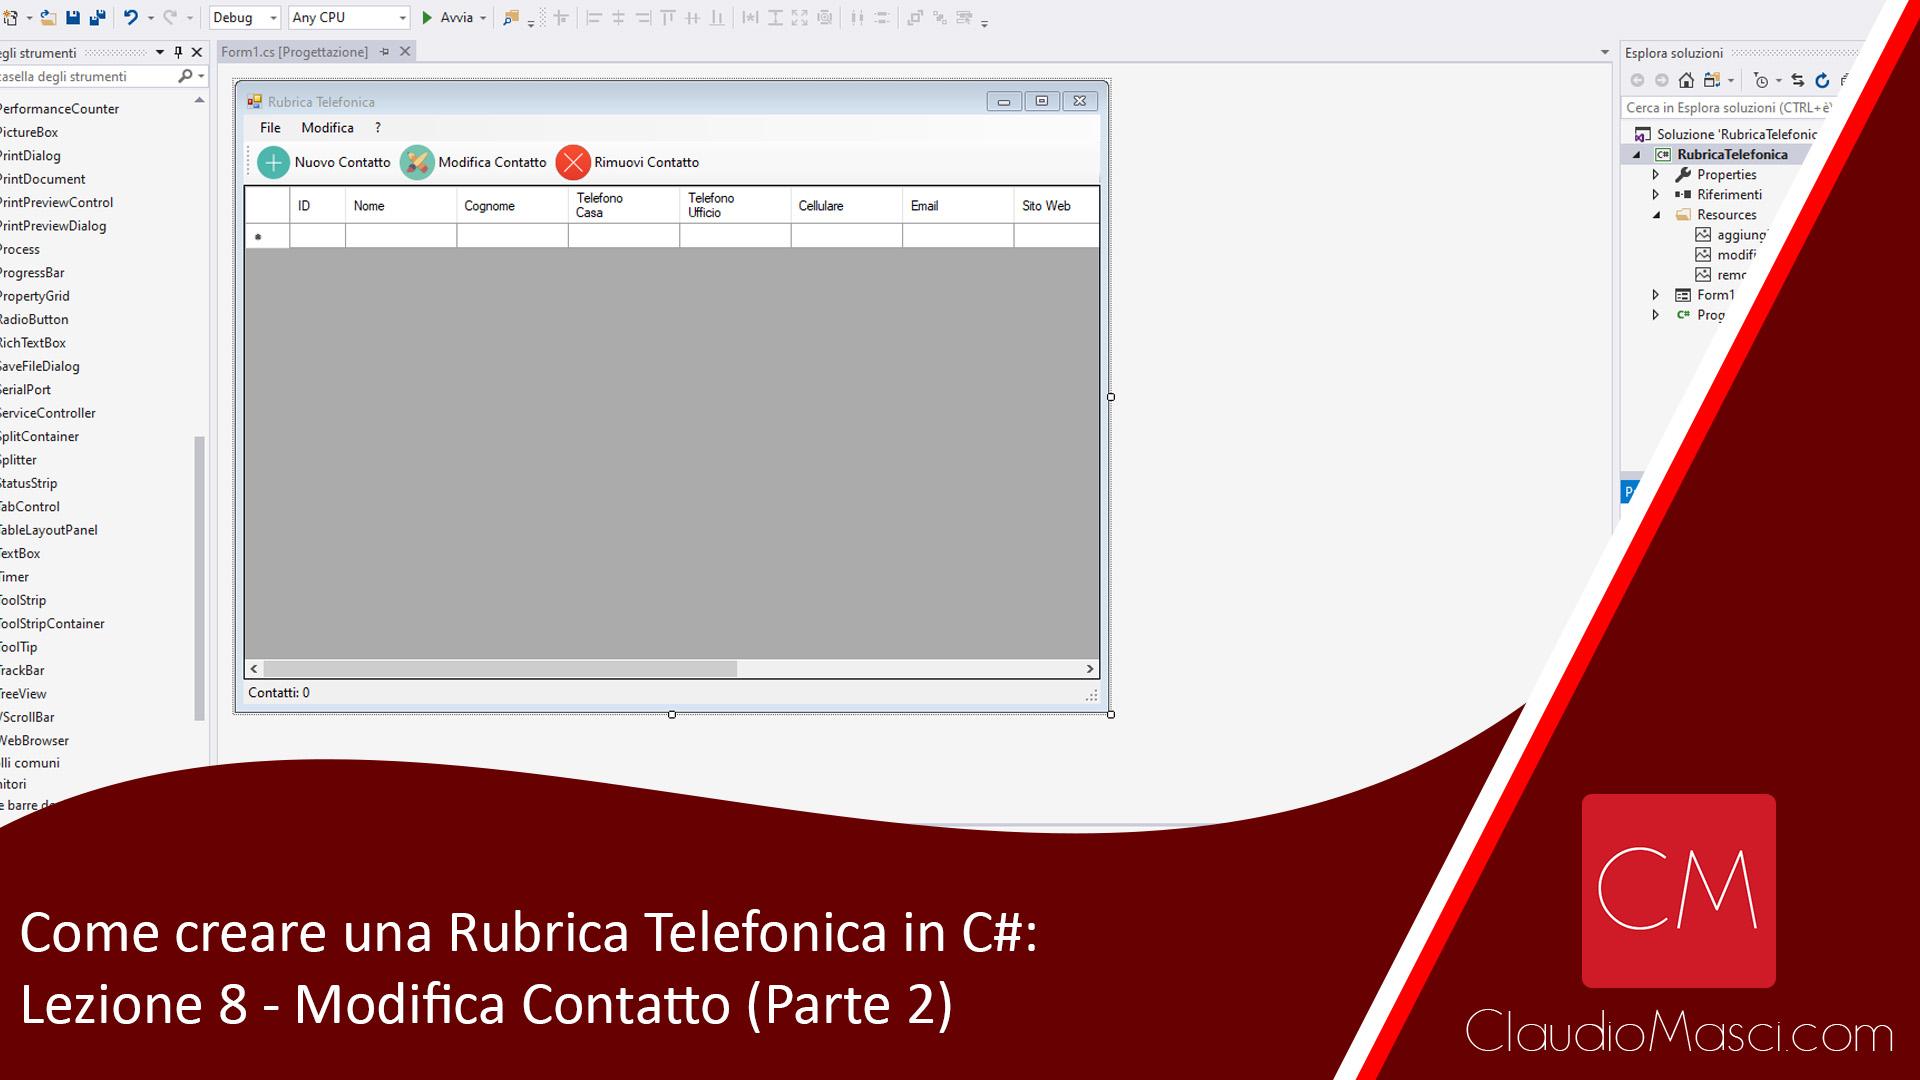 Come creare una Rubrica Telefonica in C# – Lezione 8 – Modifica Contatto (Parte 2)